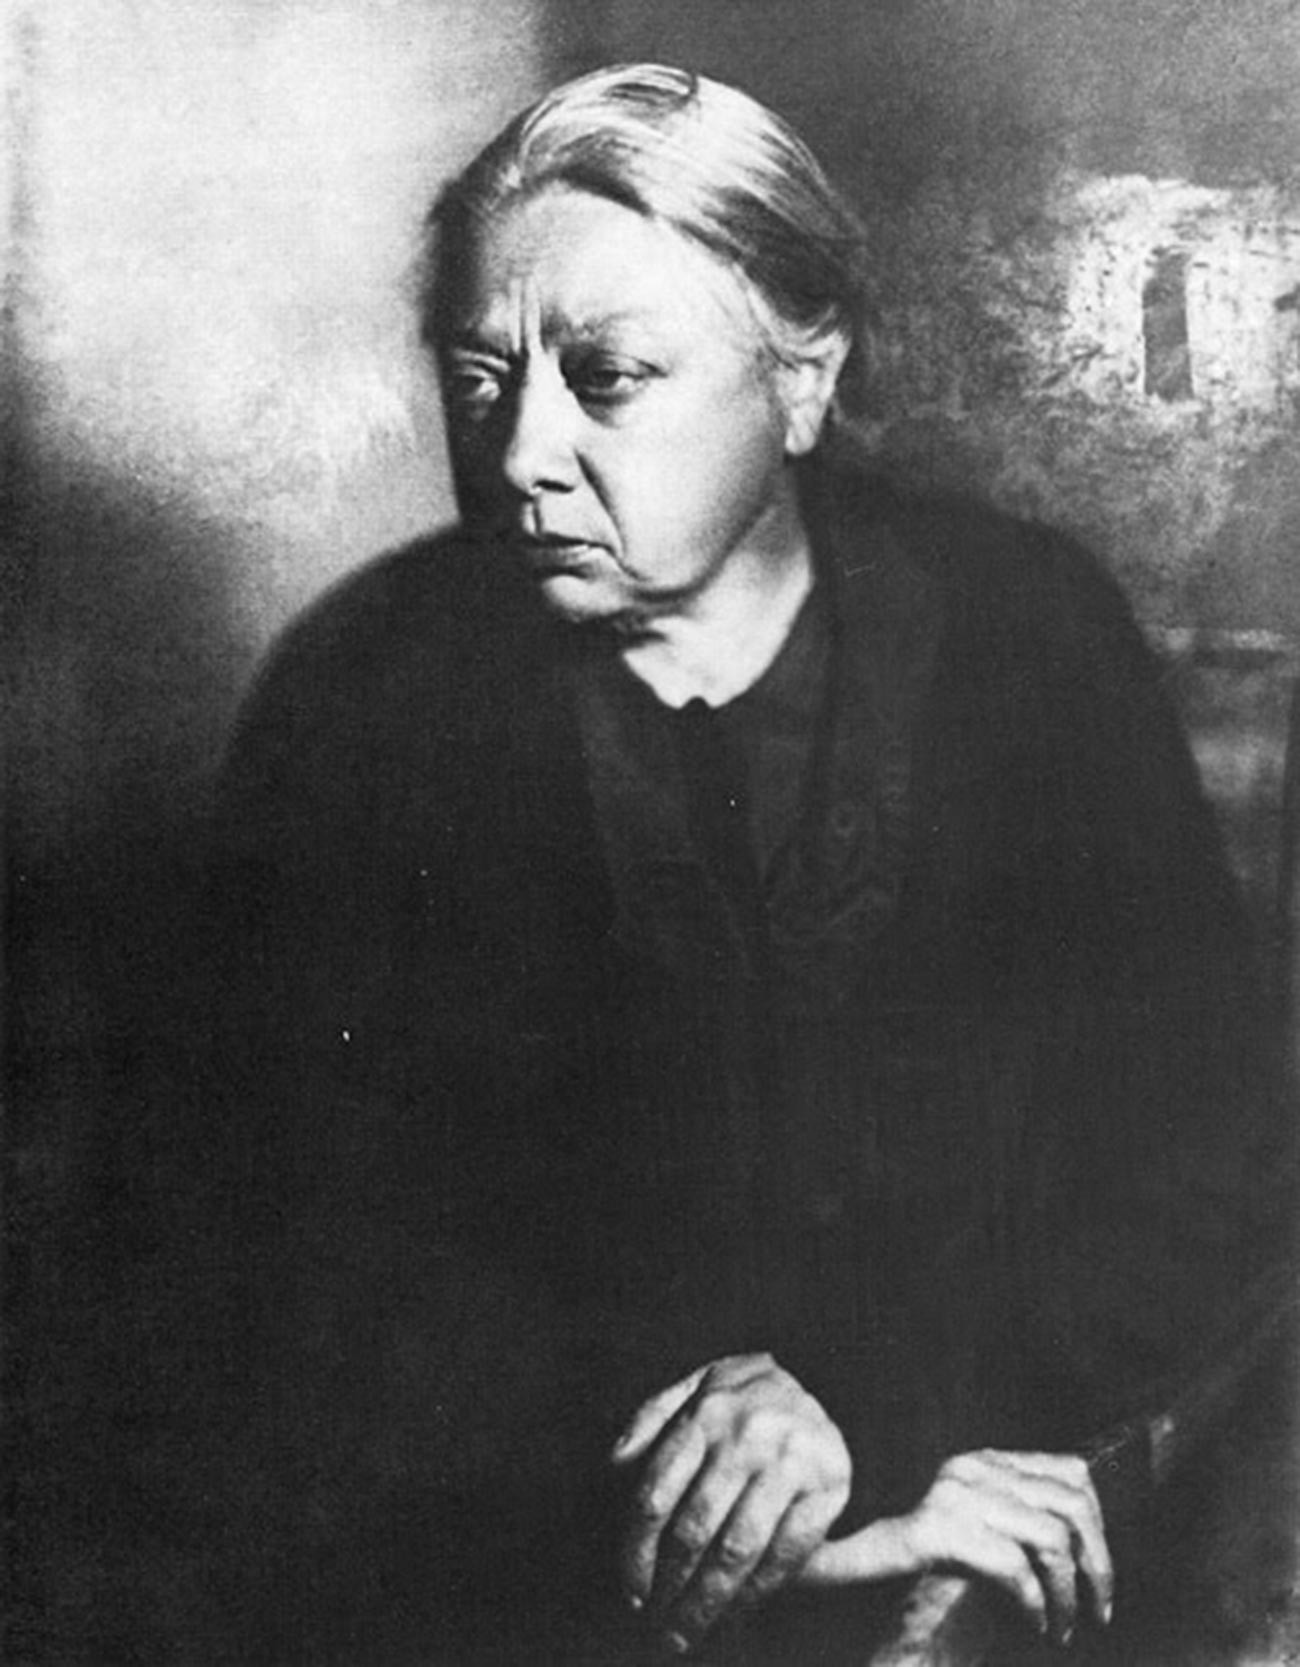 Nadezhda Krupskaja